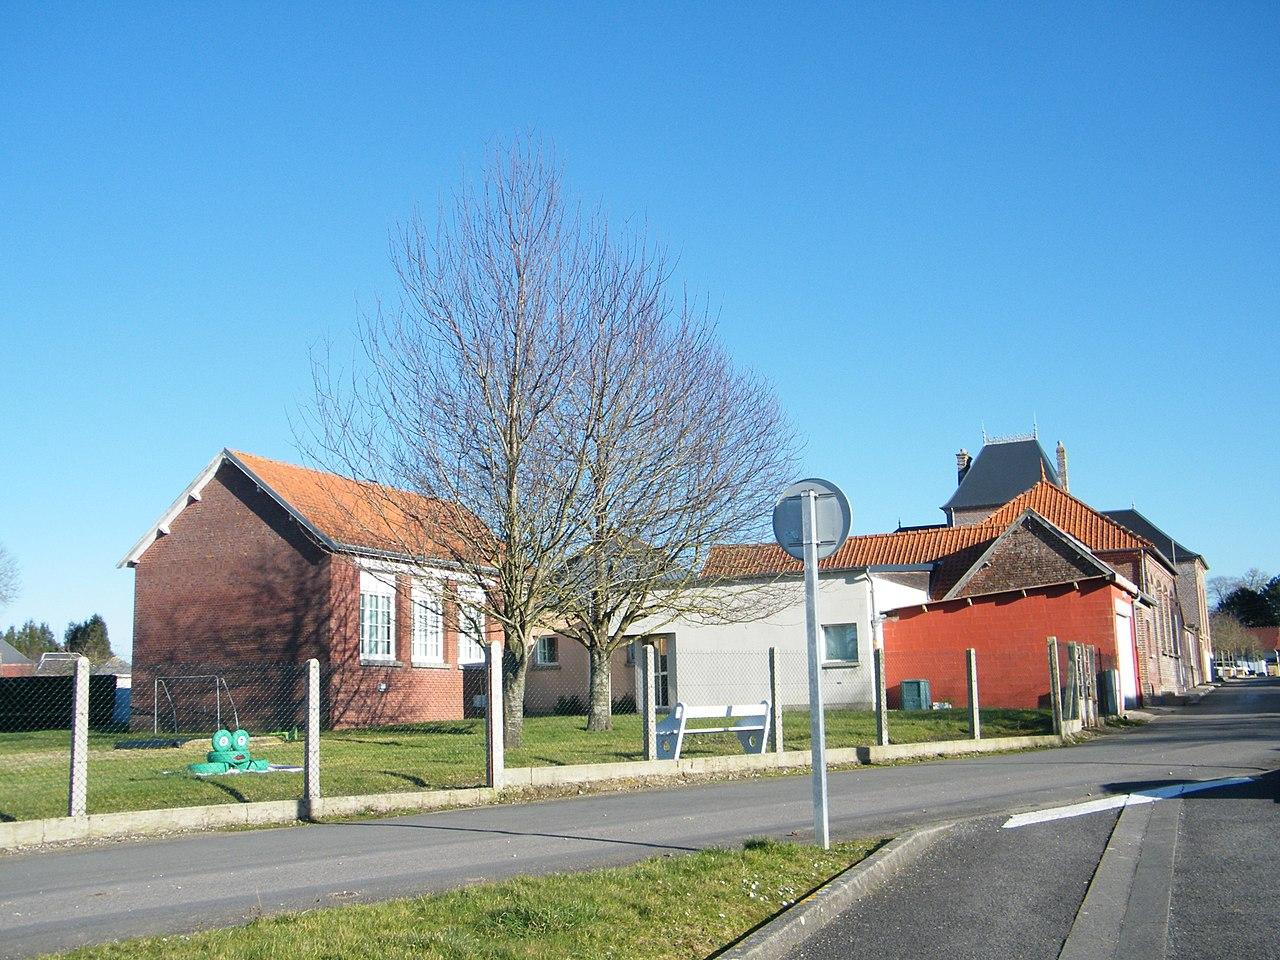 1280px-Embreville,_Somme,_Fr,_école